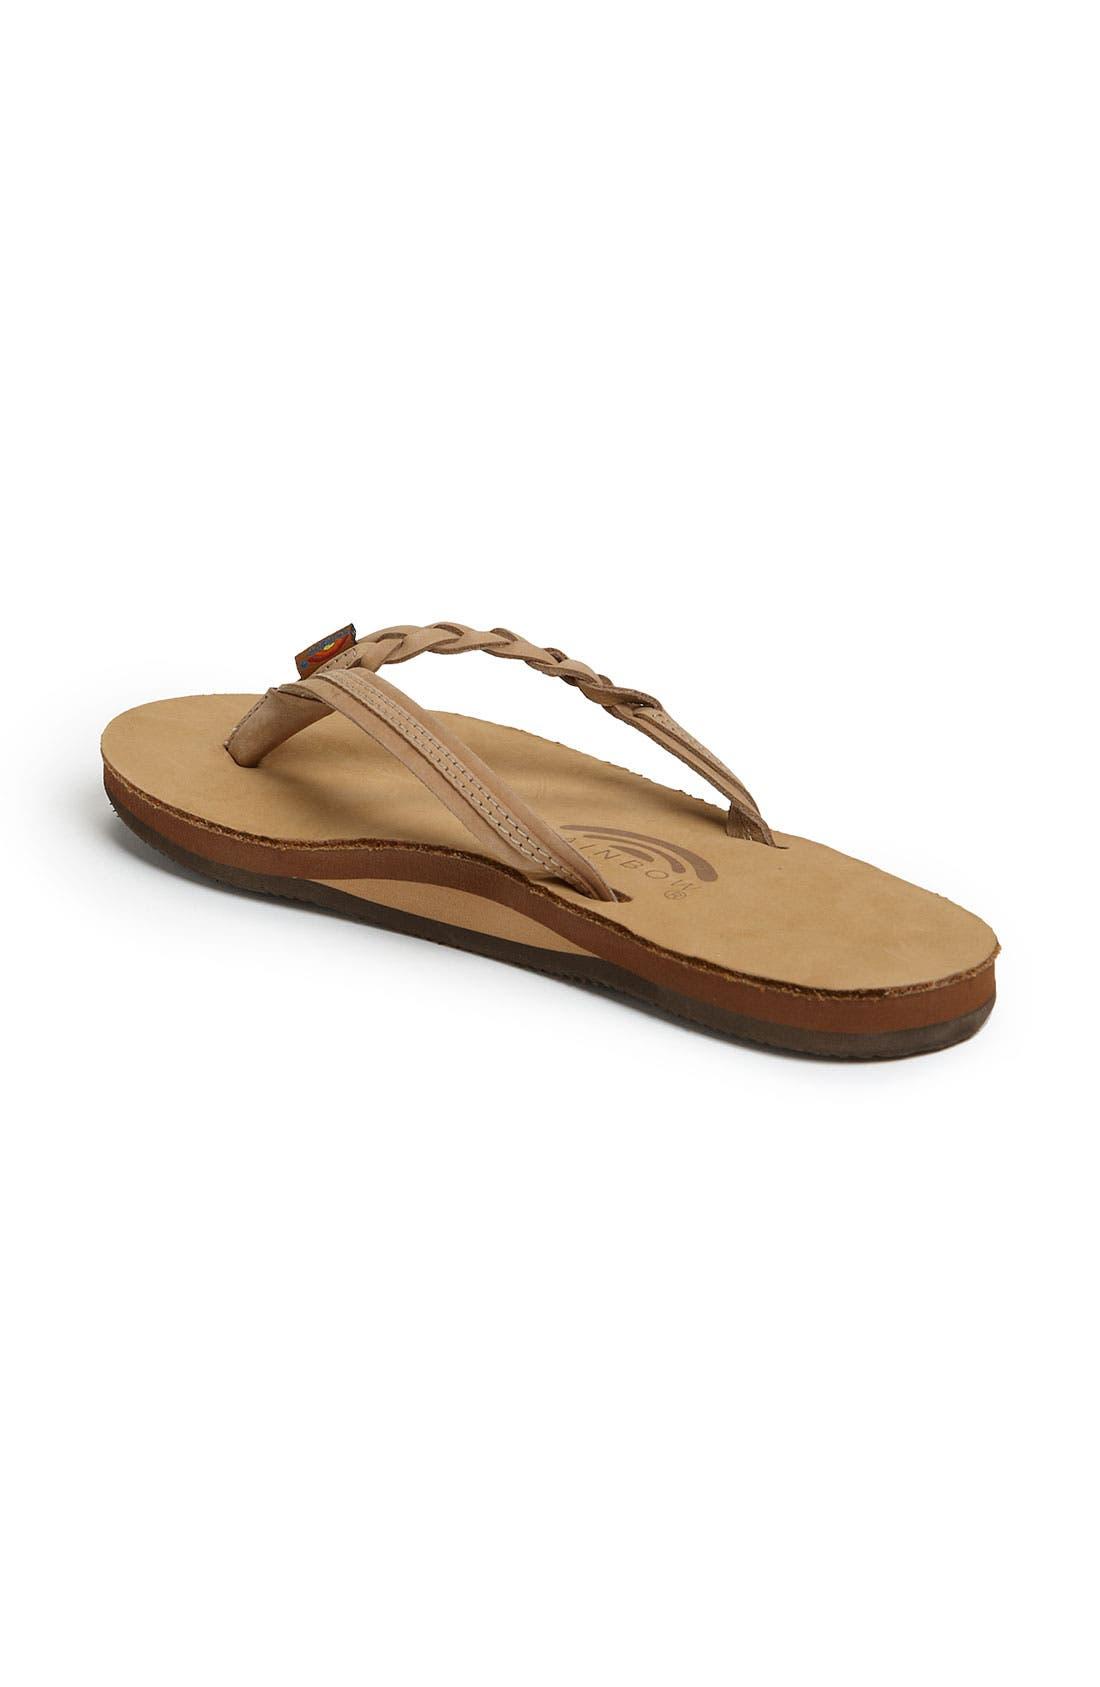 16e48645da9c Rainbow Sandals   Flip-Flops